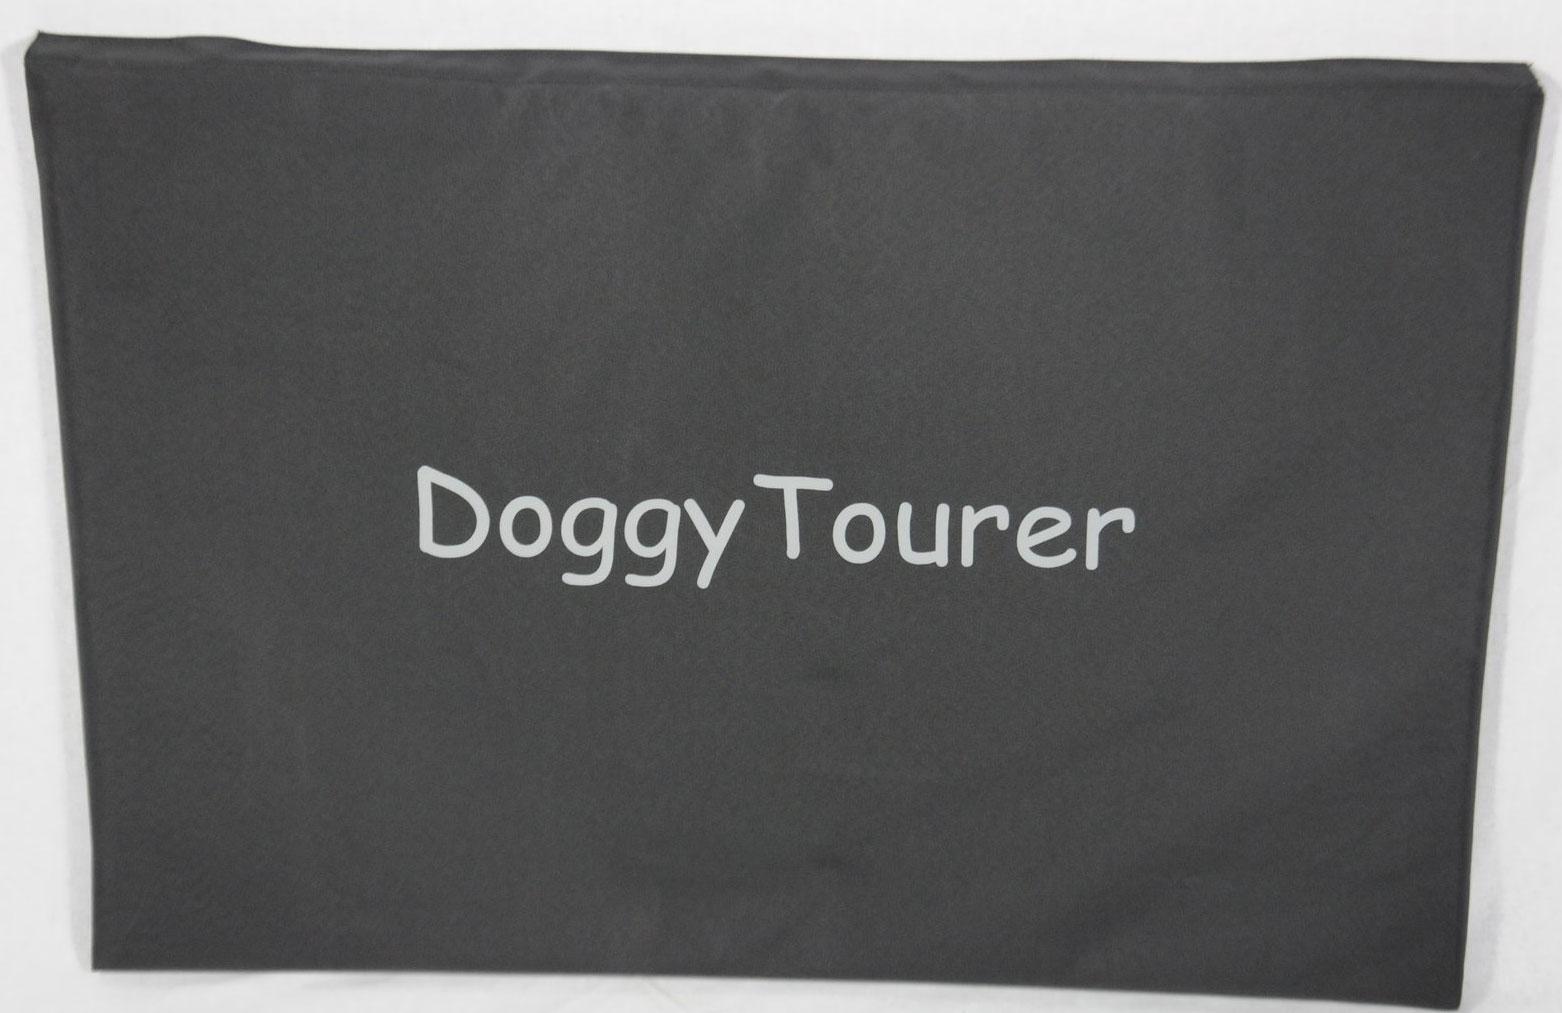 Hundebett für Doggy Tourer Kids Touring Doggy Pad L schwarz Bild 1